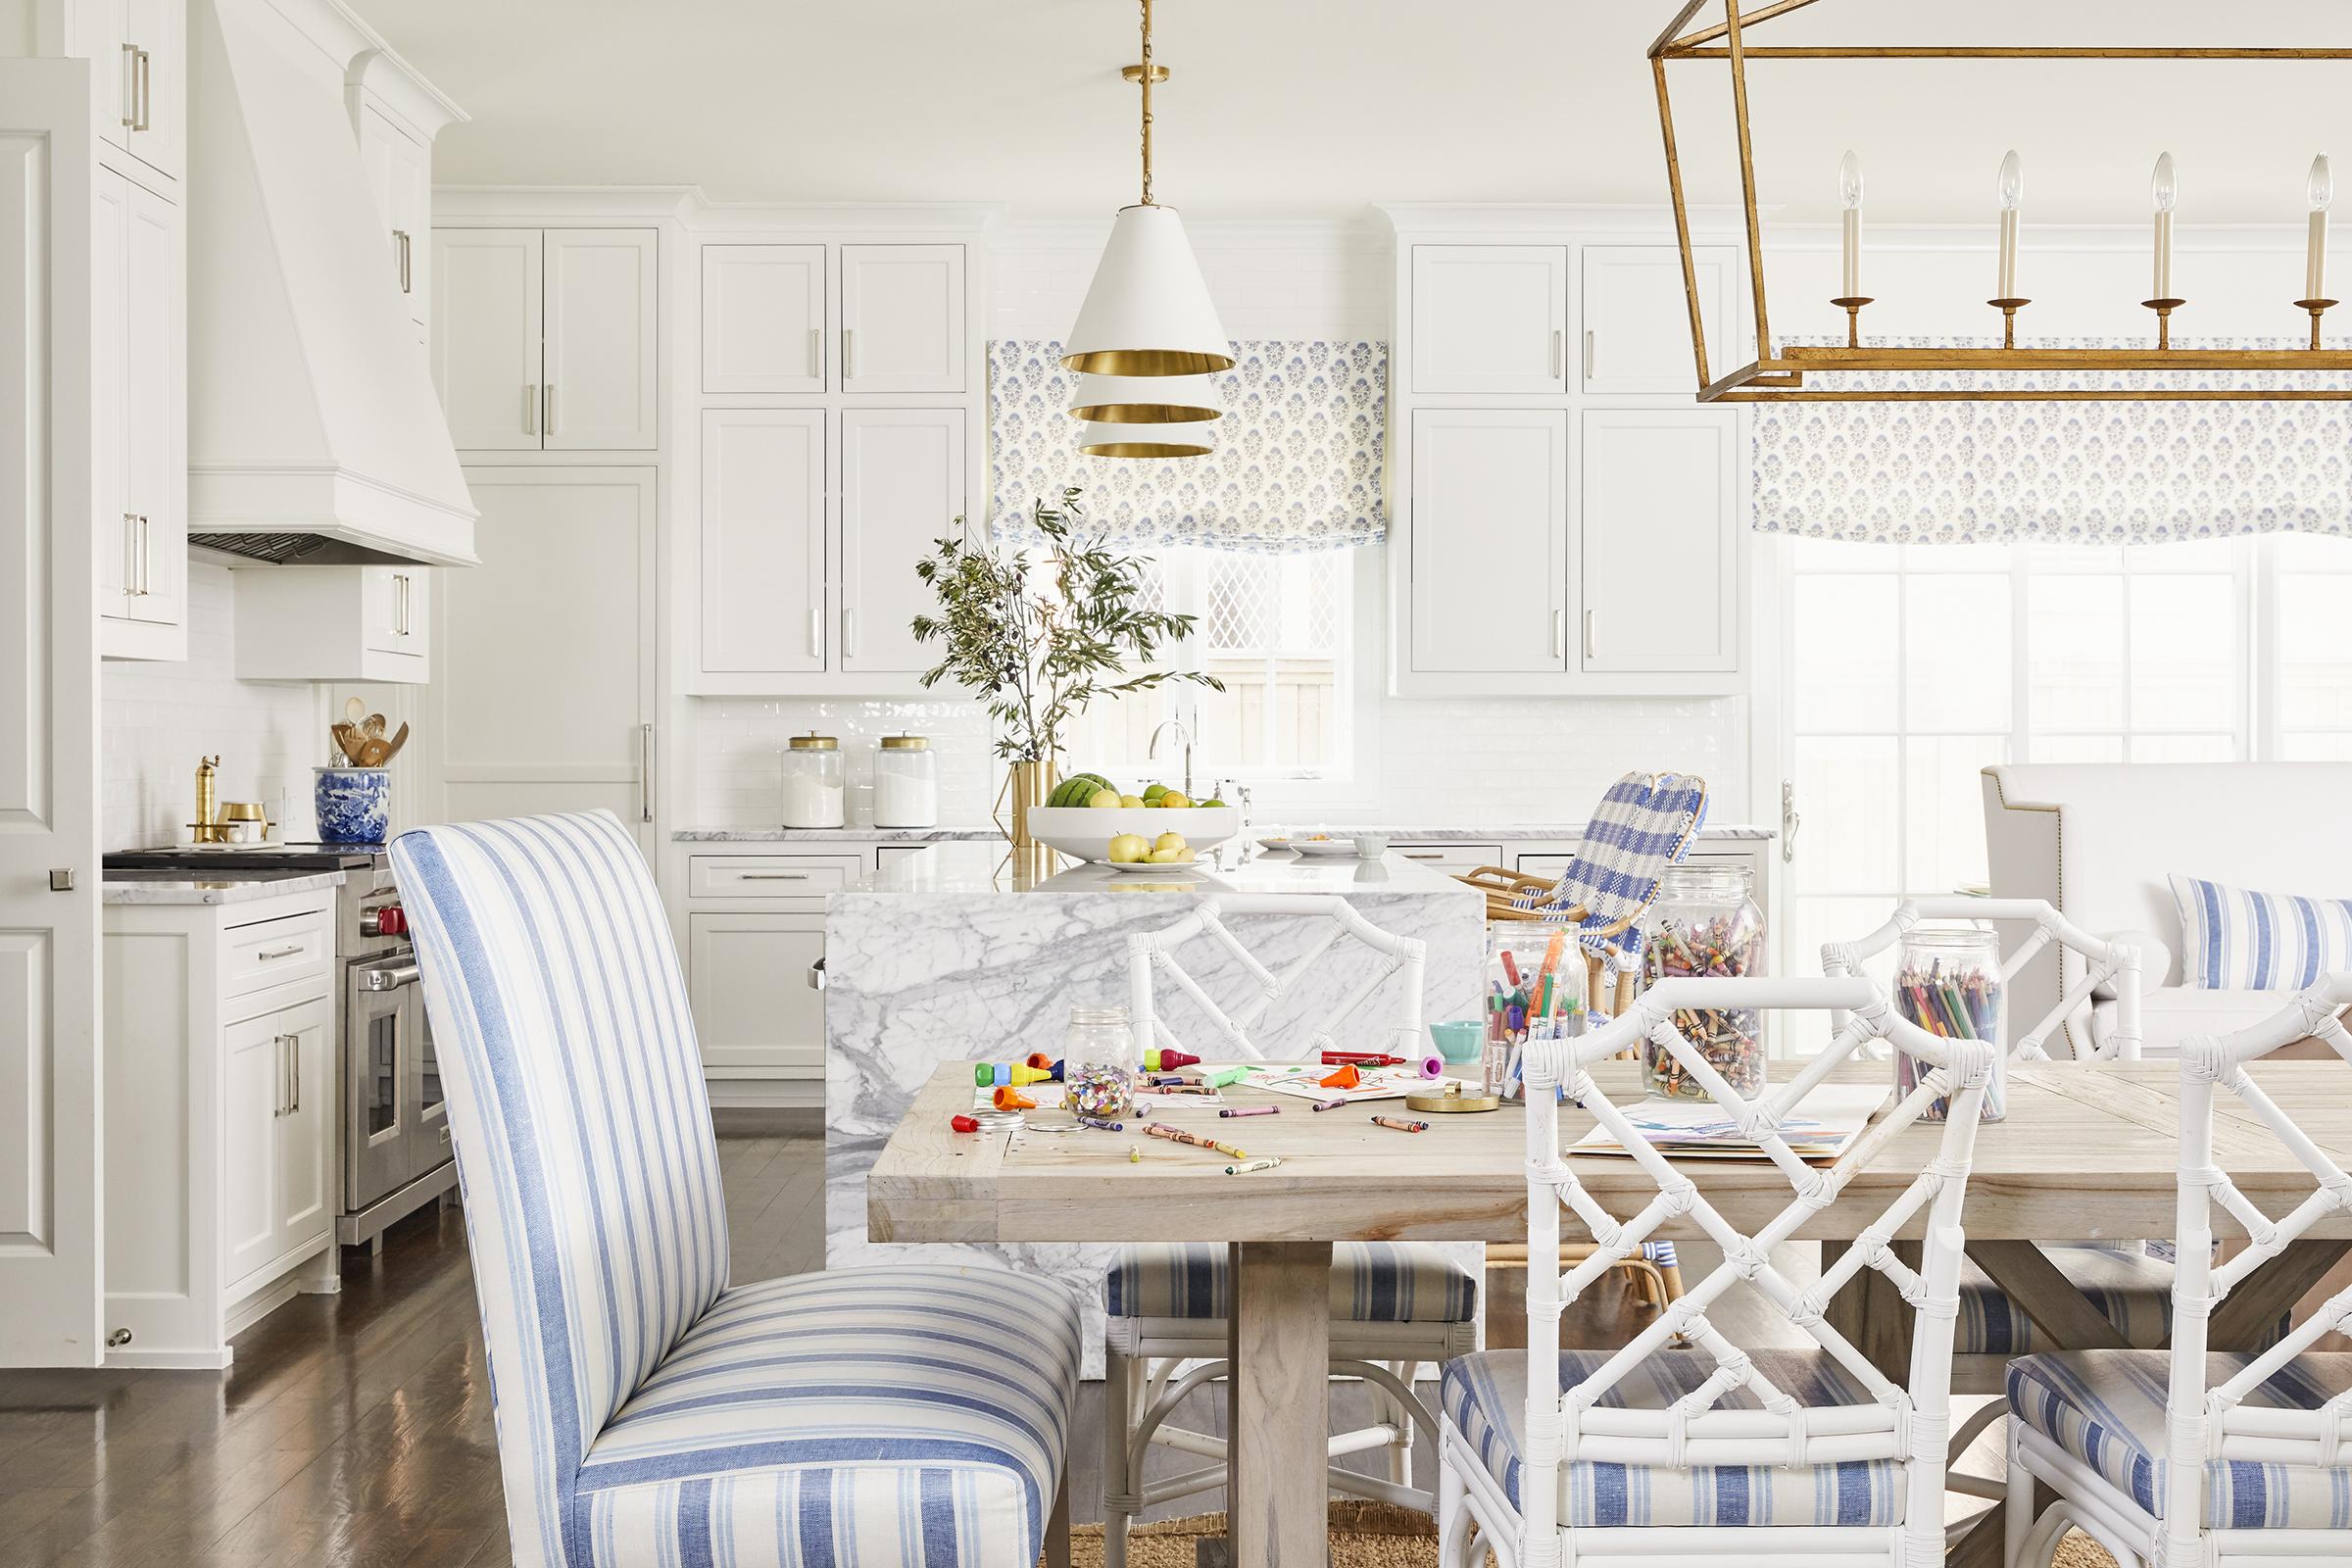 Beach Pretty House Style-Caitlin Wilson Designs 1.jpg